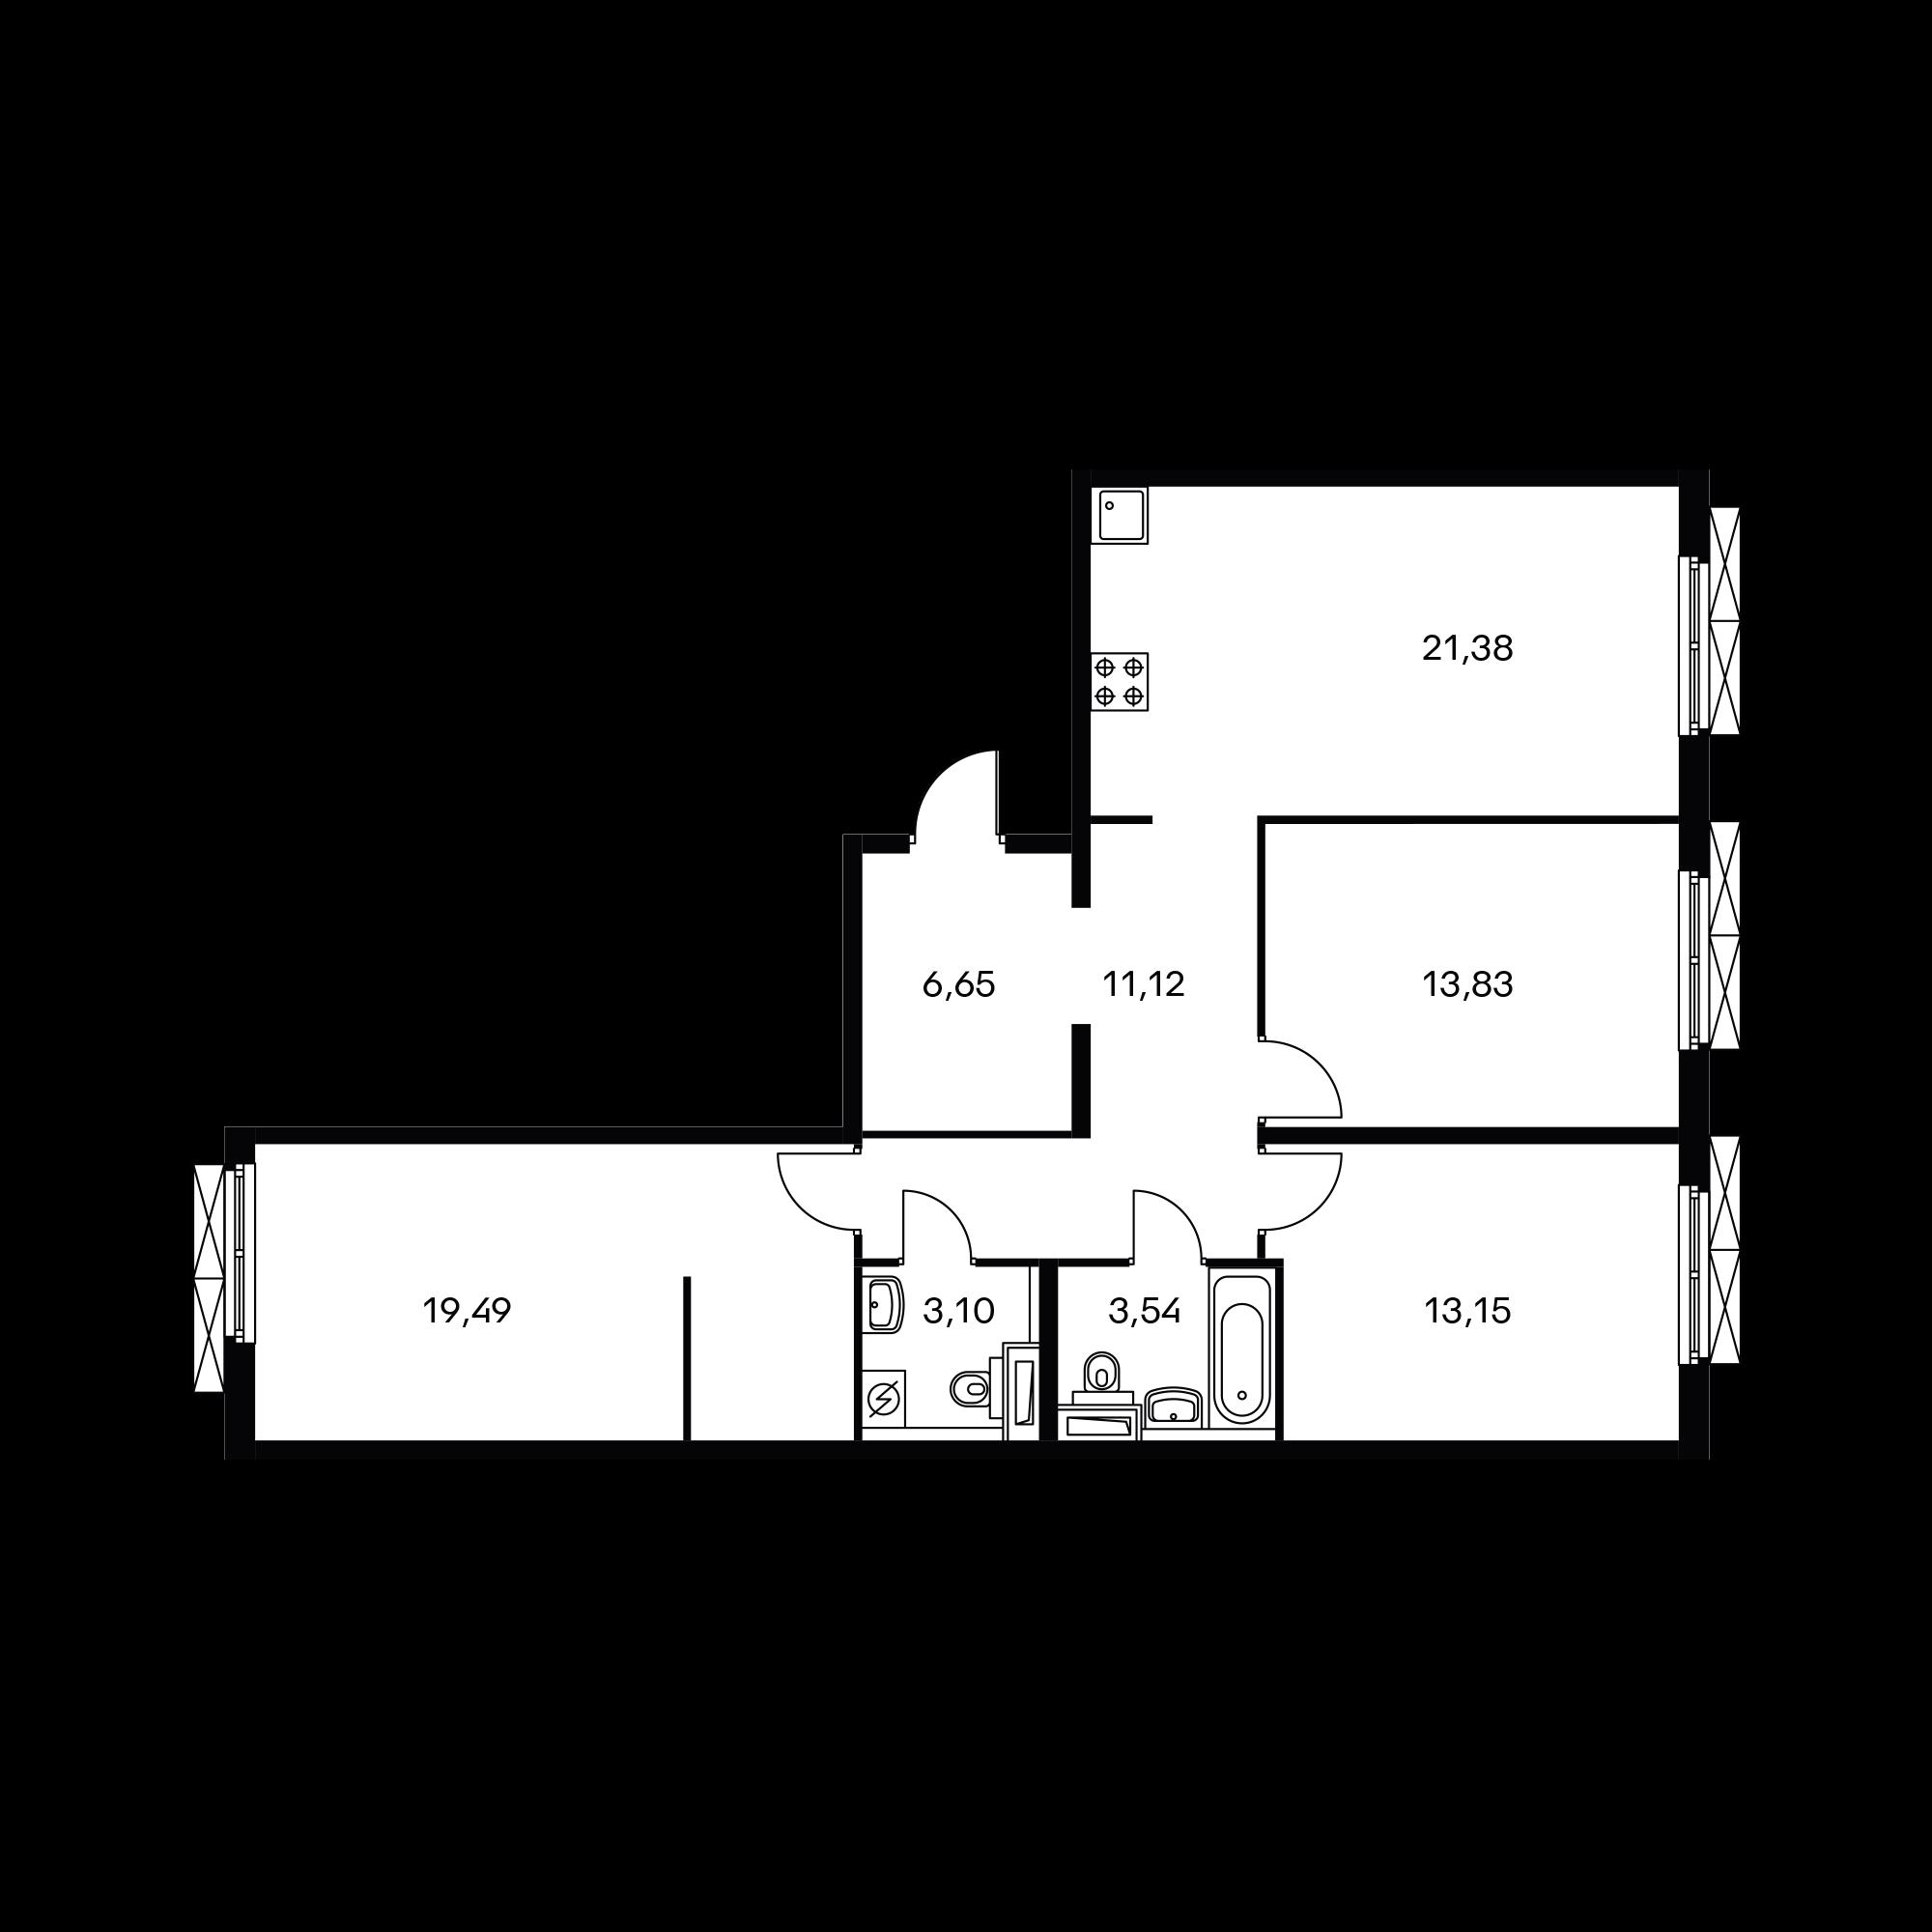 3EL3_10.2-1_S_Z